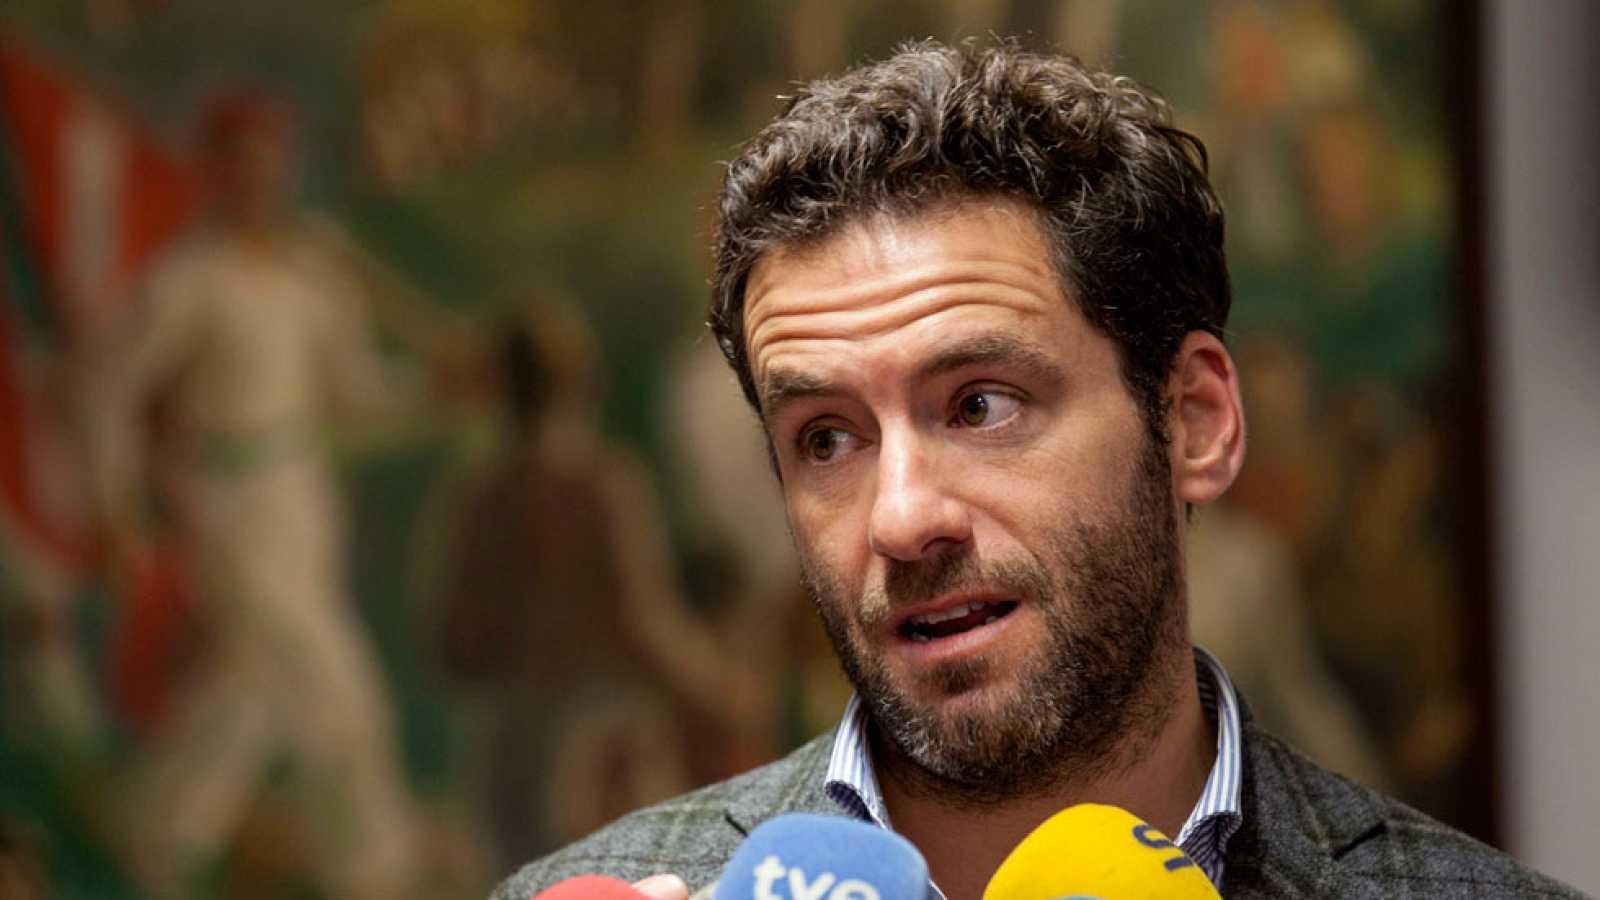 La Junta Directiva del PP vasco decidirá en los próximos días quién sustituye a Arantza Quiroga